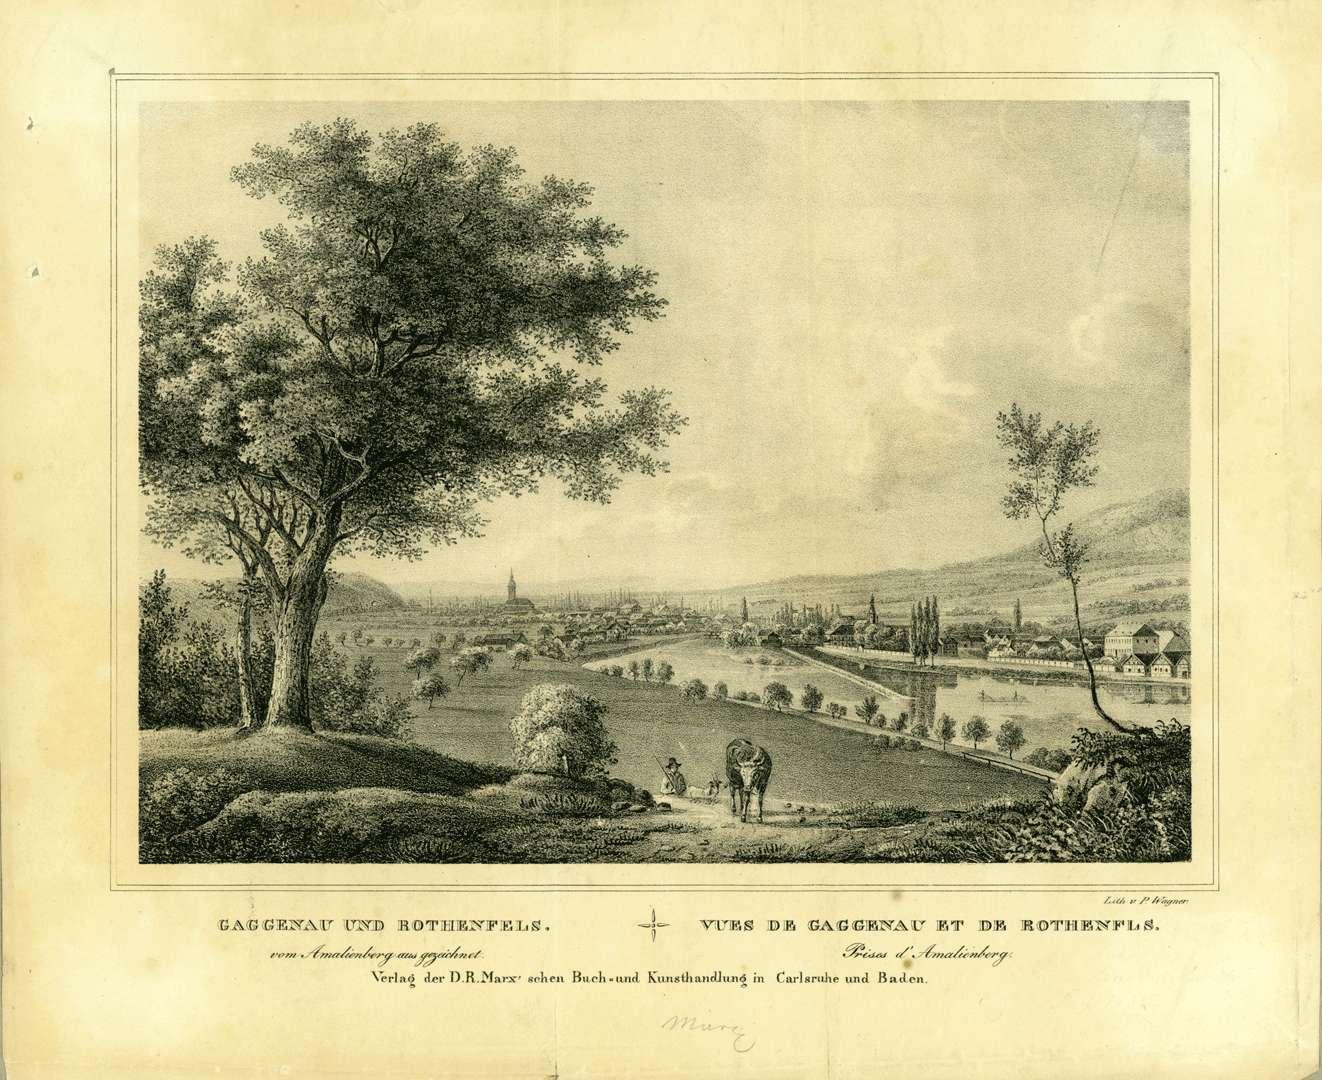 Gaggenau und Rotenfels vom Amalienberg aus gezeichnet, Vues de Gaggenaz et de Rothenfls, Prises de l`Amalienberg, Bild 1